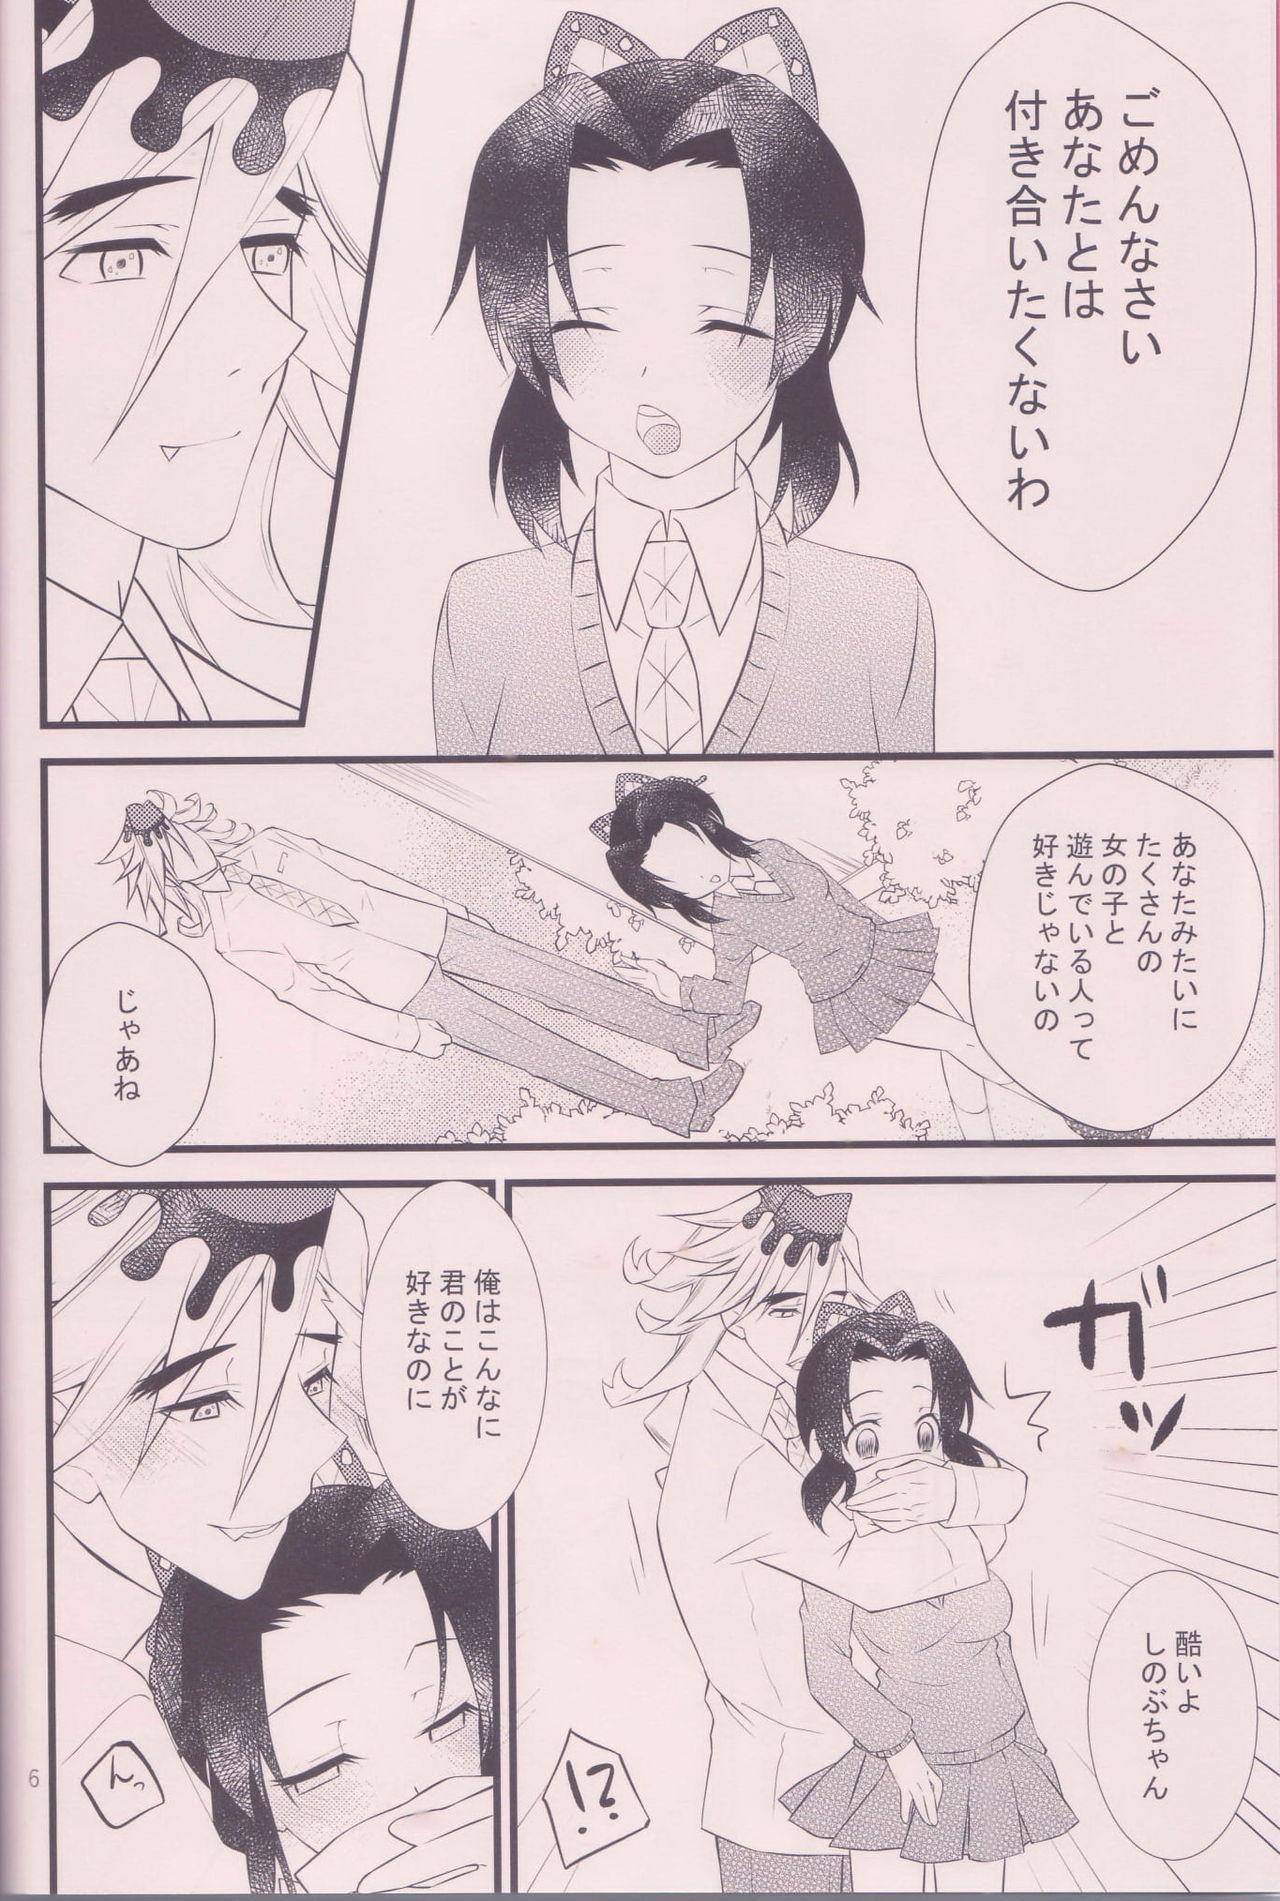 Ryoujoku Suru Yo! 4